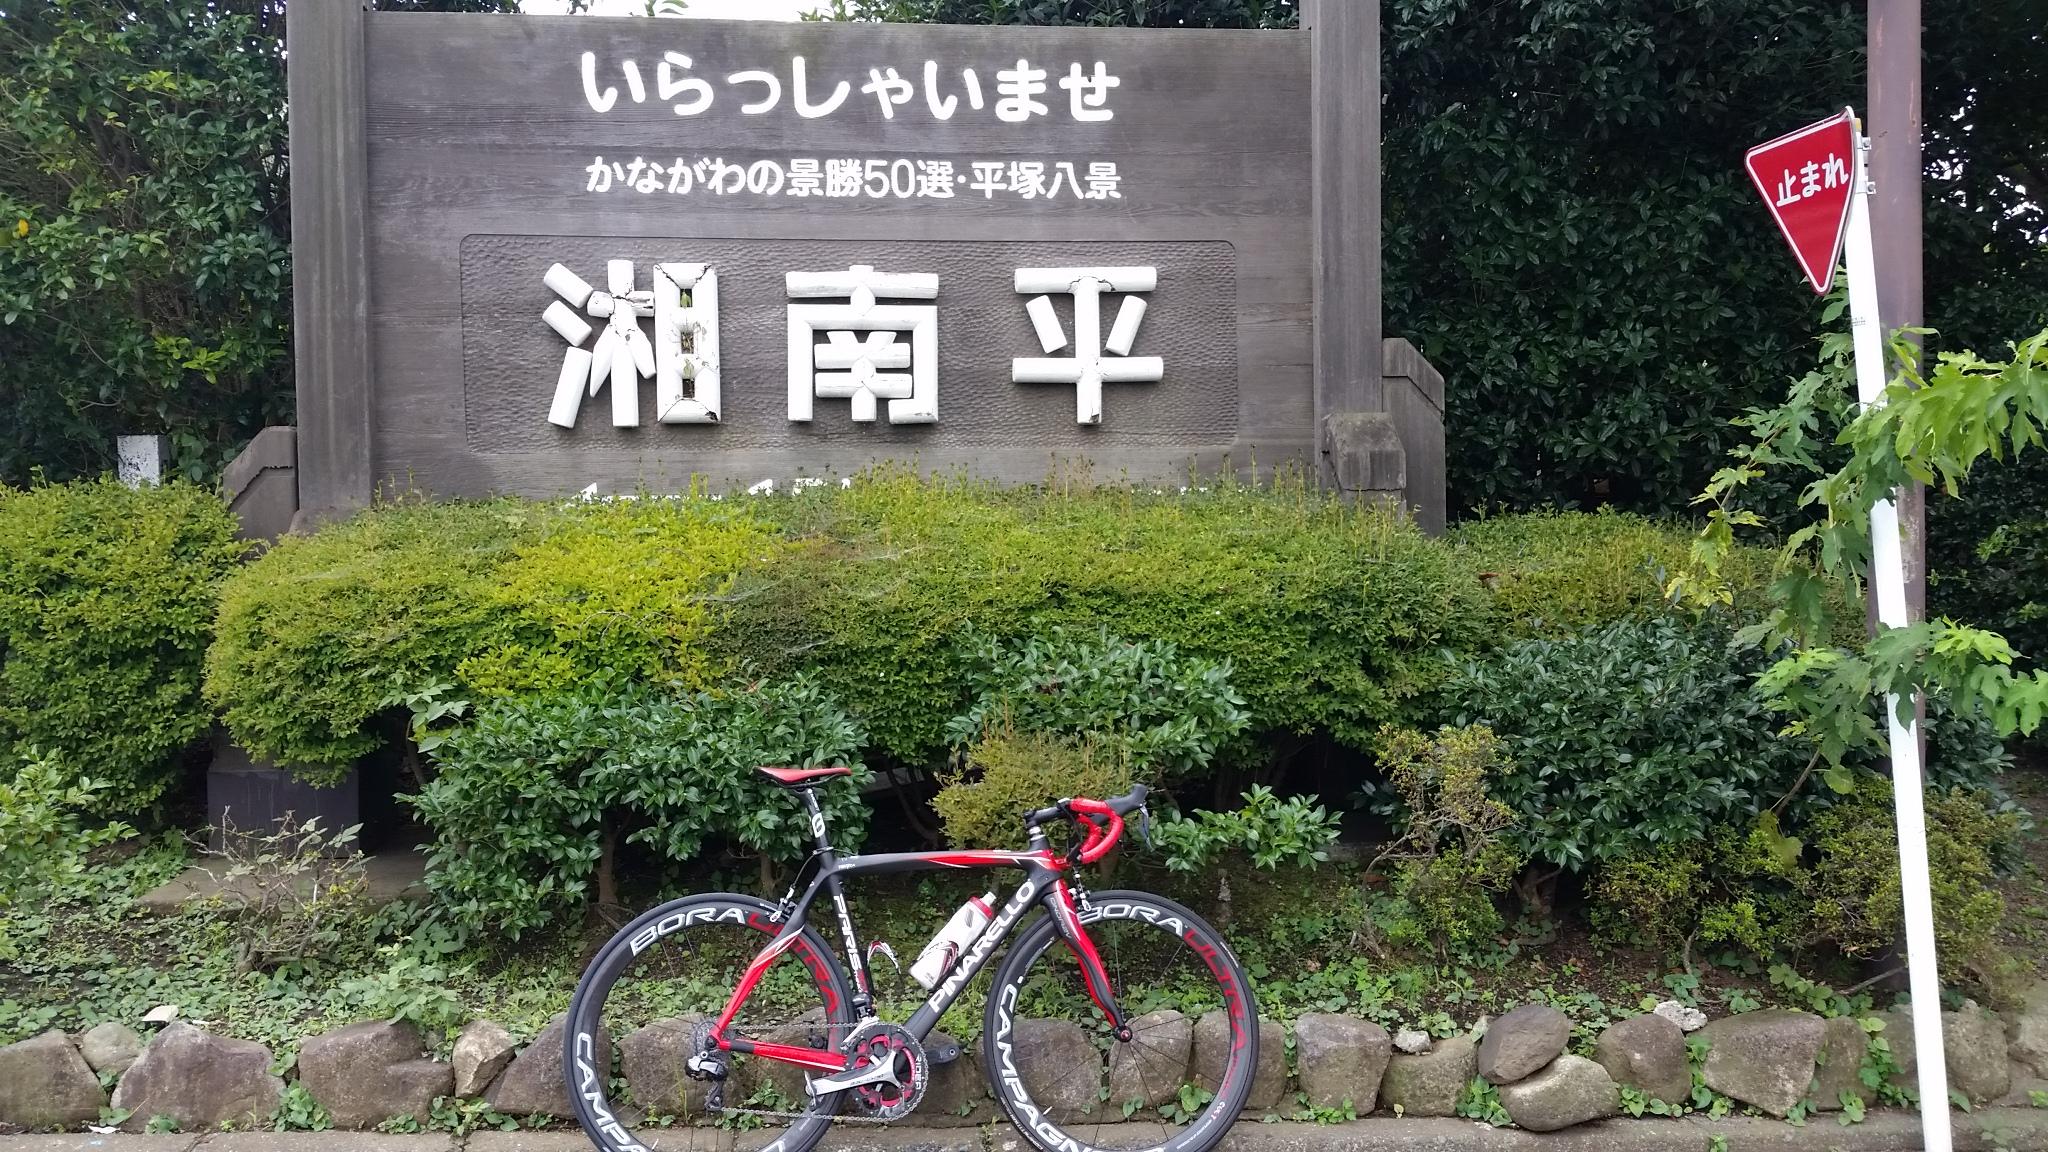 ロードバイクで湘南平を登ろう!